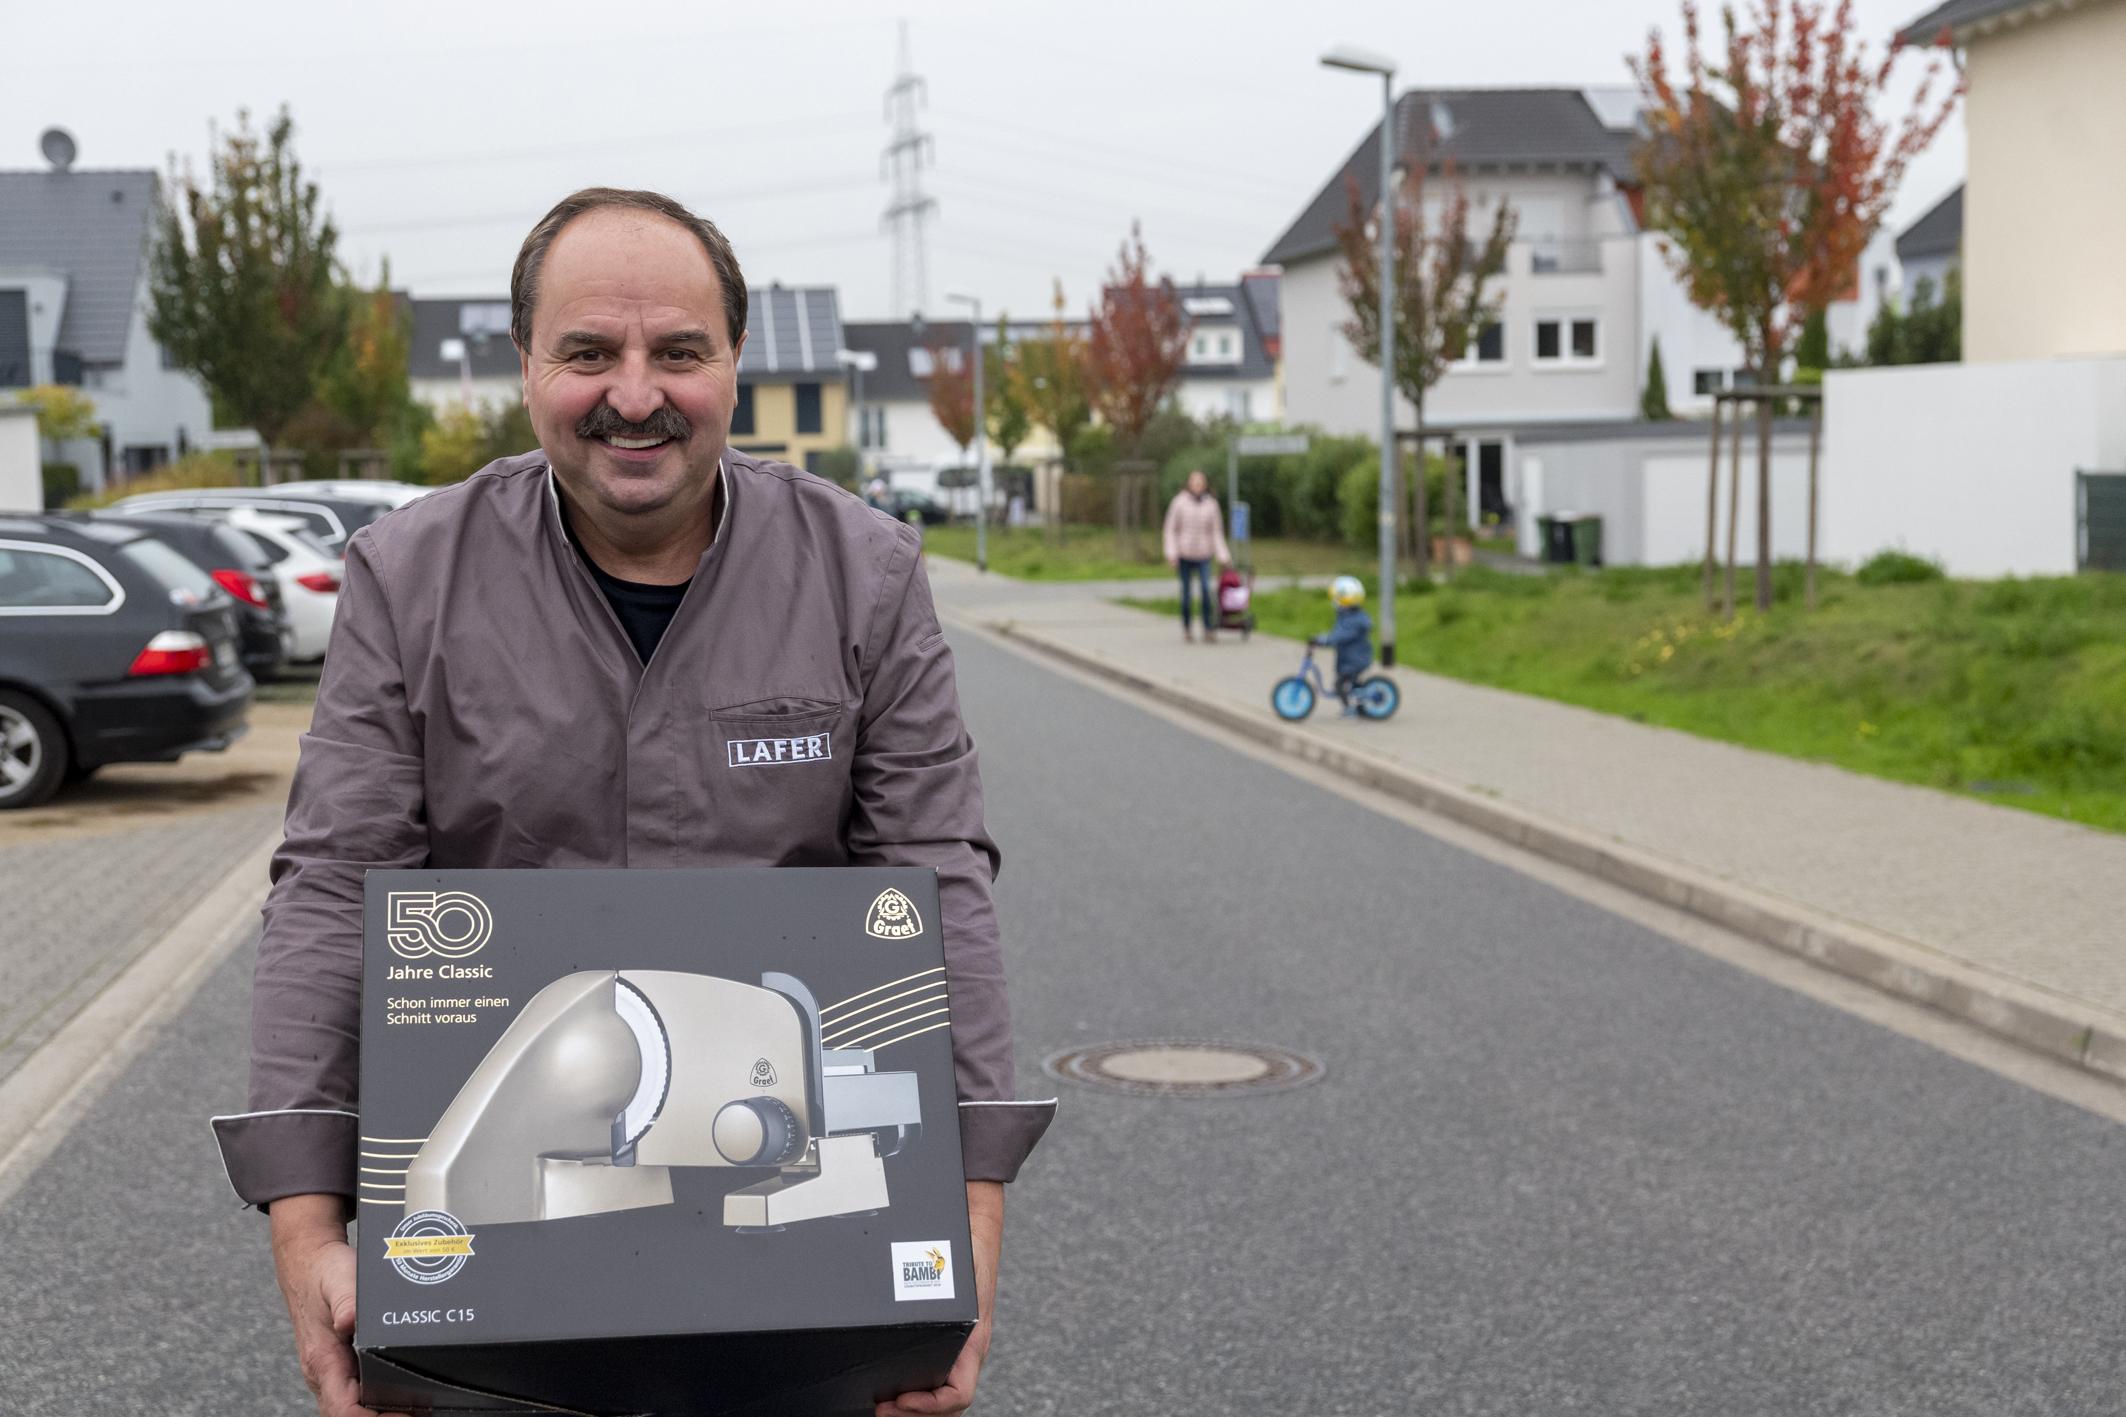 Lafer liefert den GRAEF Allesschneider nach Mainz-Marienborn. Foto: Graef